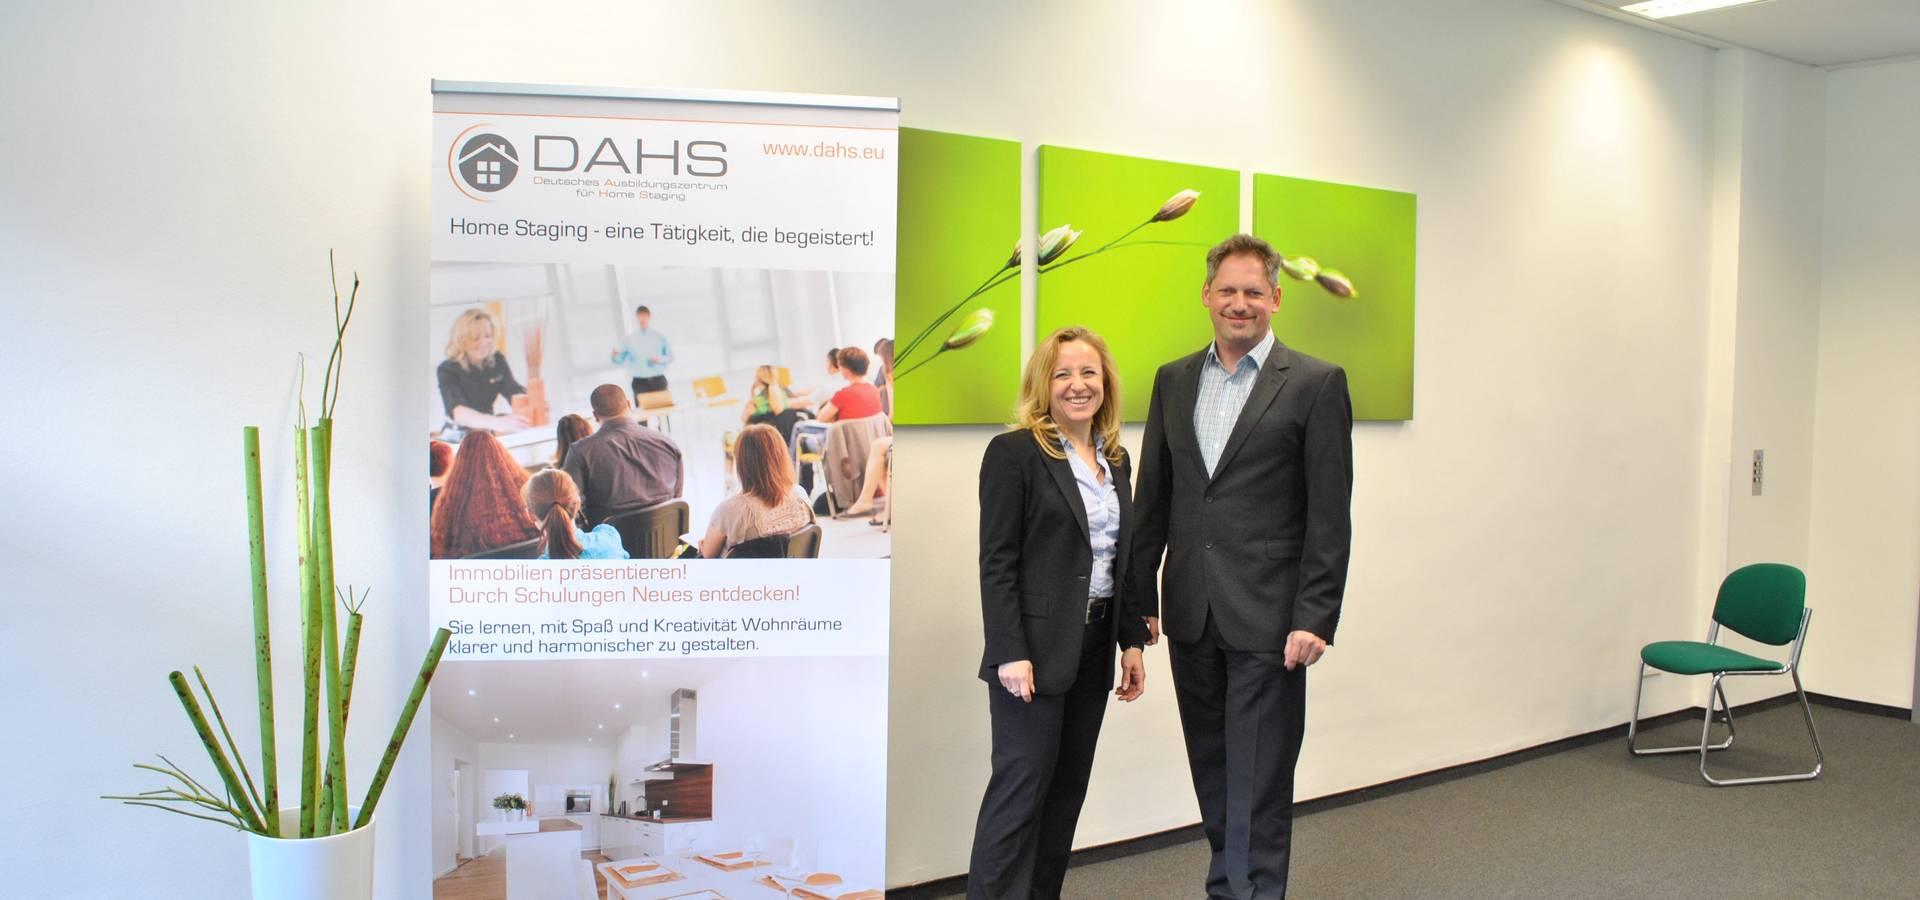 Moodboard Par Dahs Deutsches Ausbildungszentrum Fur Home